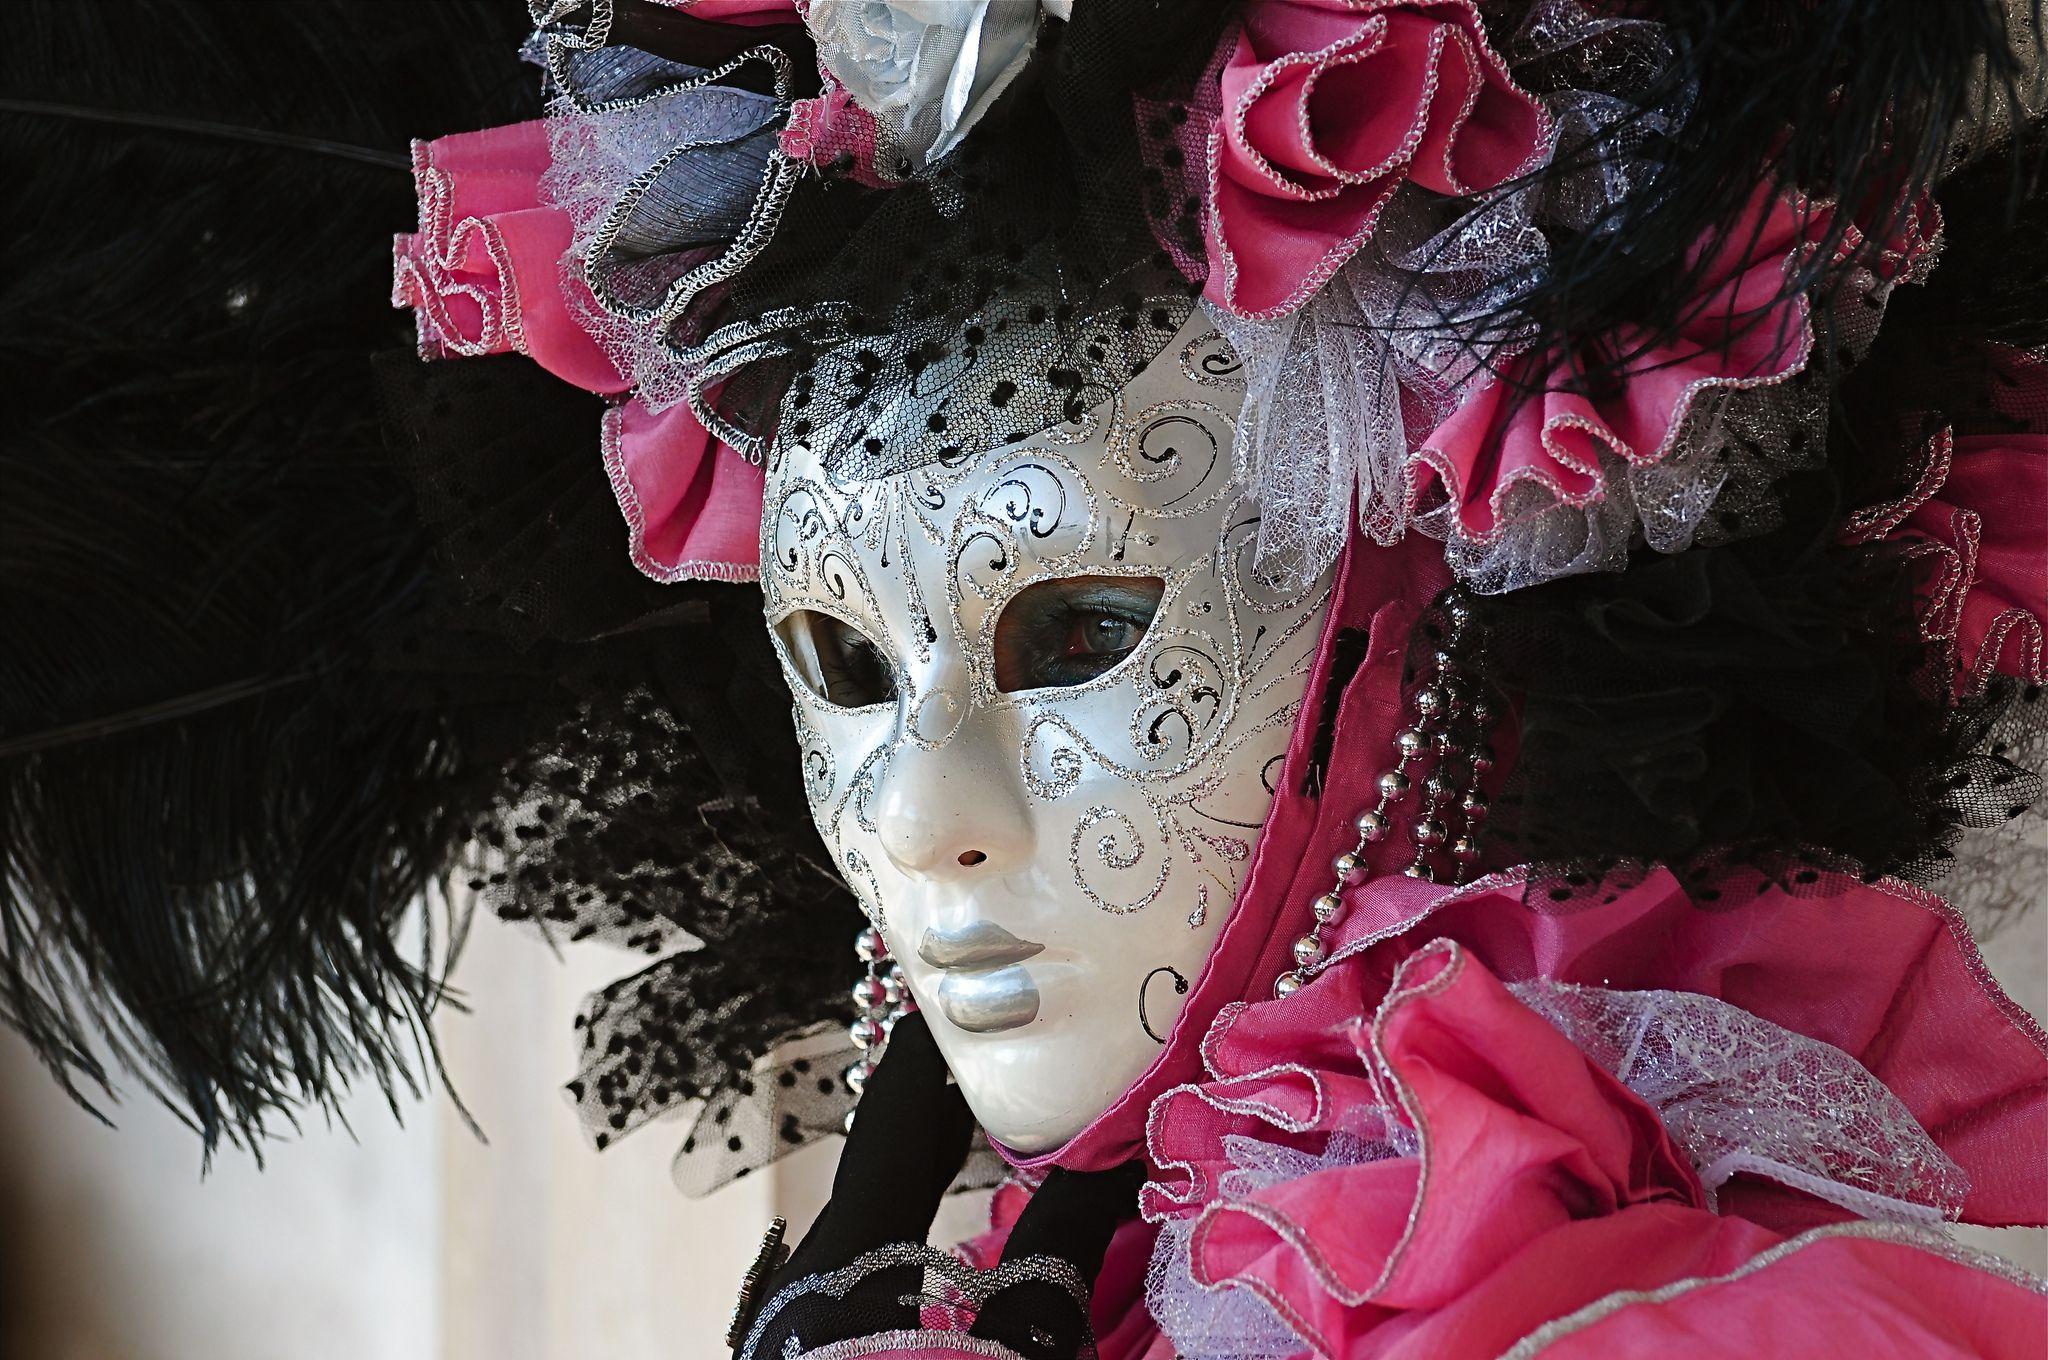 https://flic.kr/p/kEd4AX | Venice Carnival 2014 - Carnevale di Venezia 2014 | Giovedì e Venerdì grasso nella splendida cornice di Venezia in compagnia delle sue splendide architetture e delle sue maschere